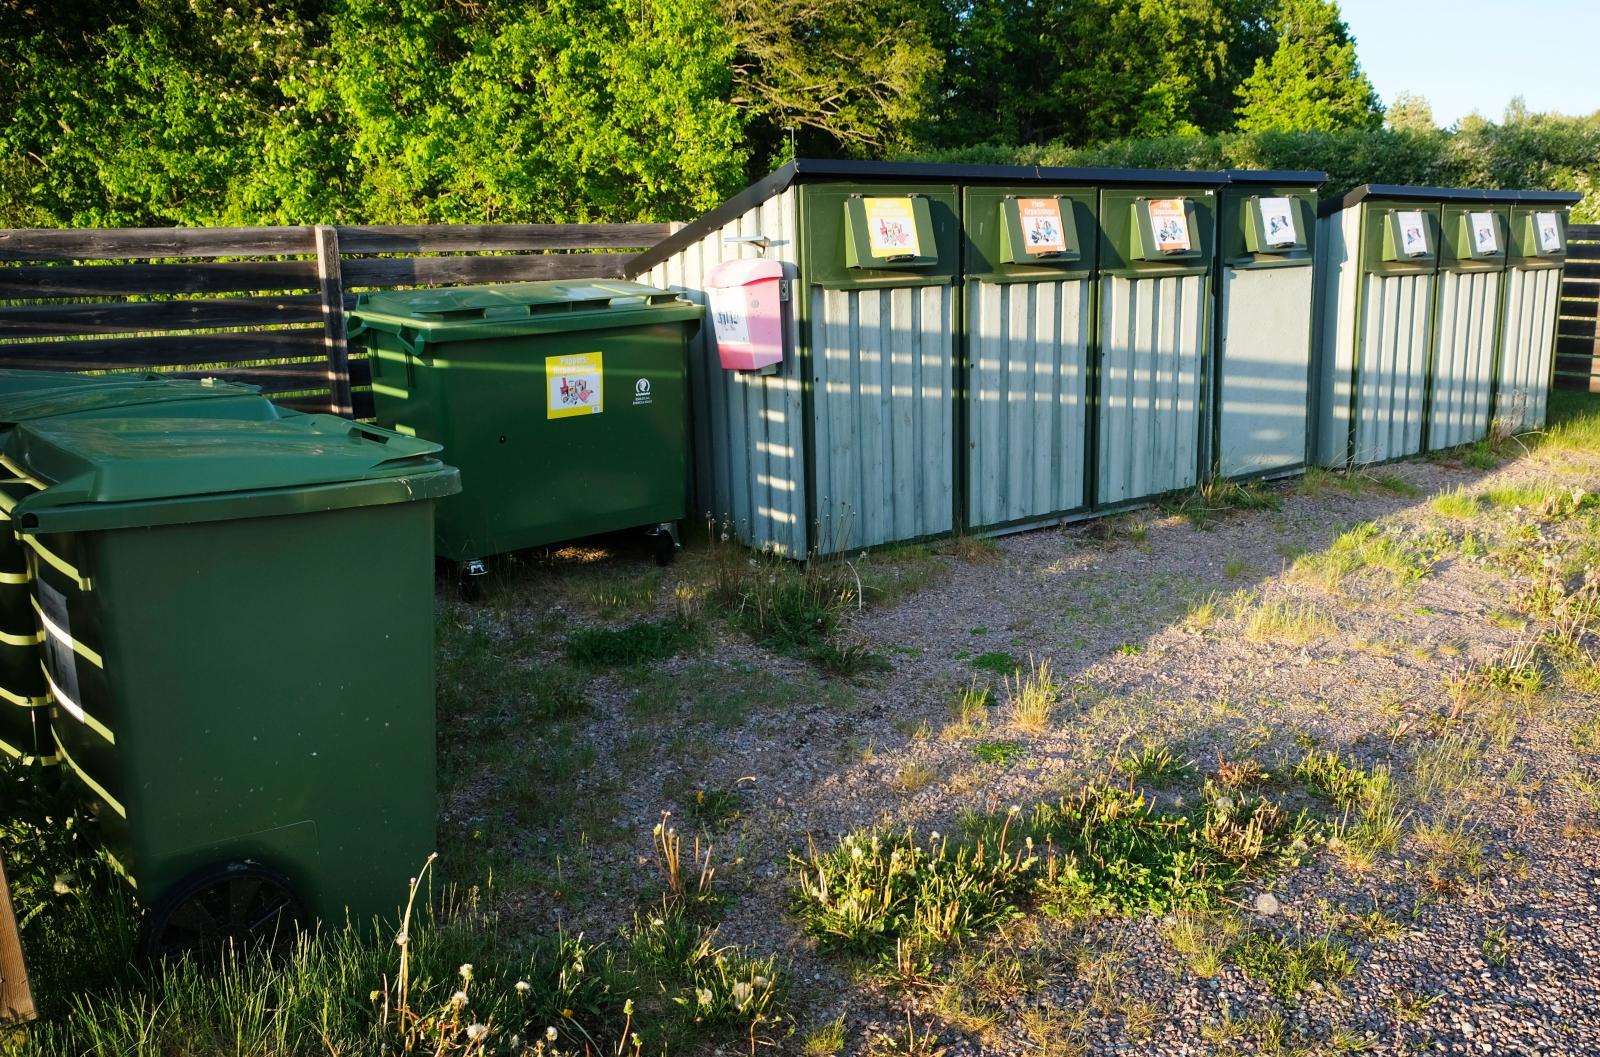 Sopsortering finns det i anslutning till campingplatserna.